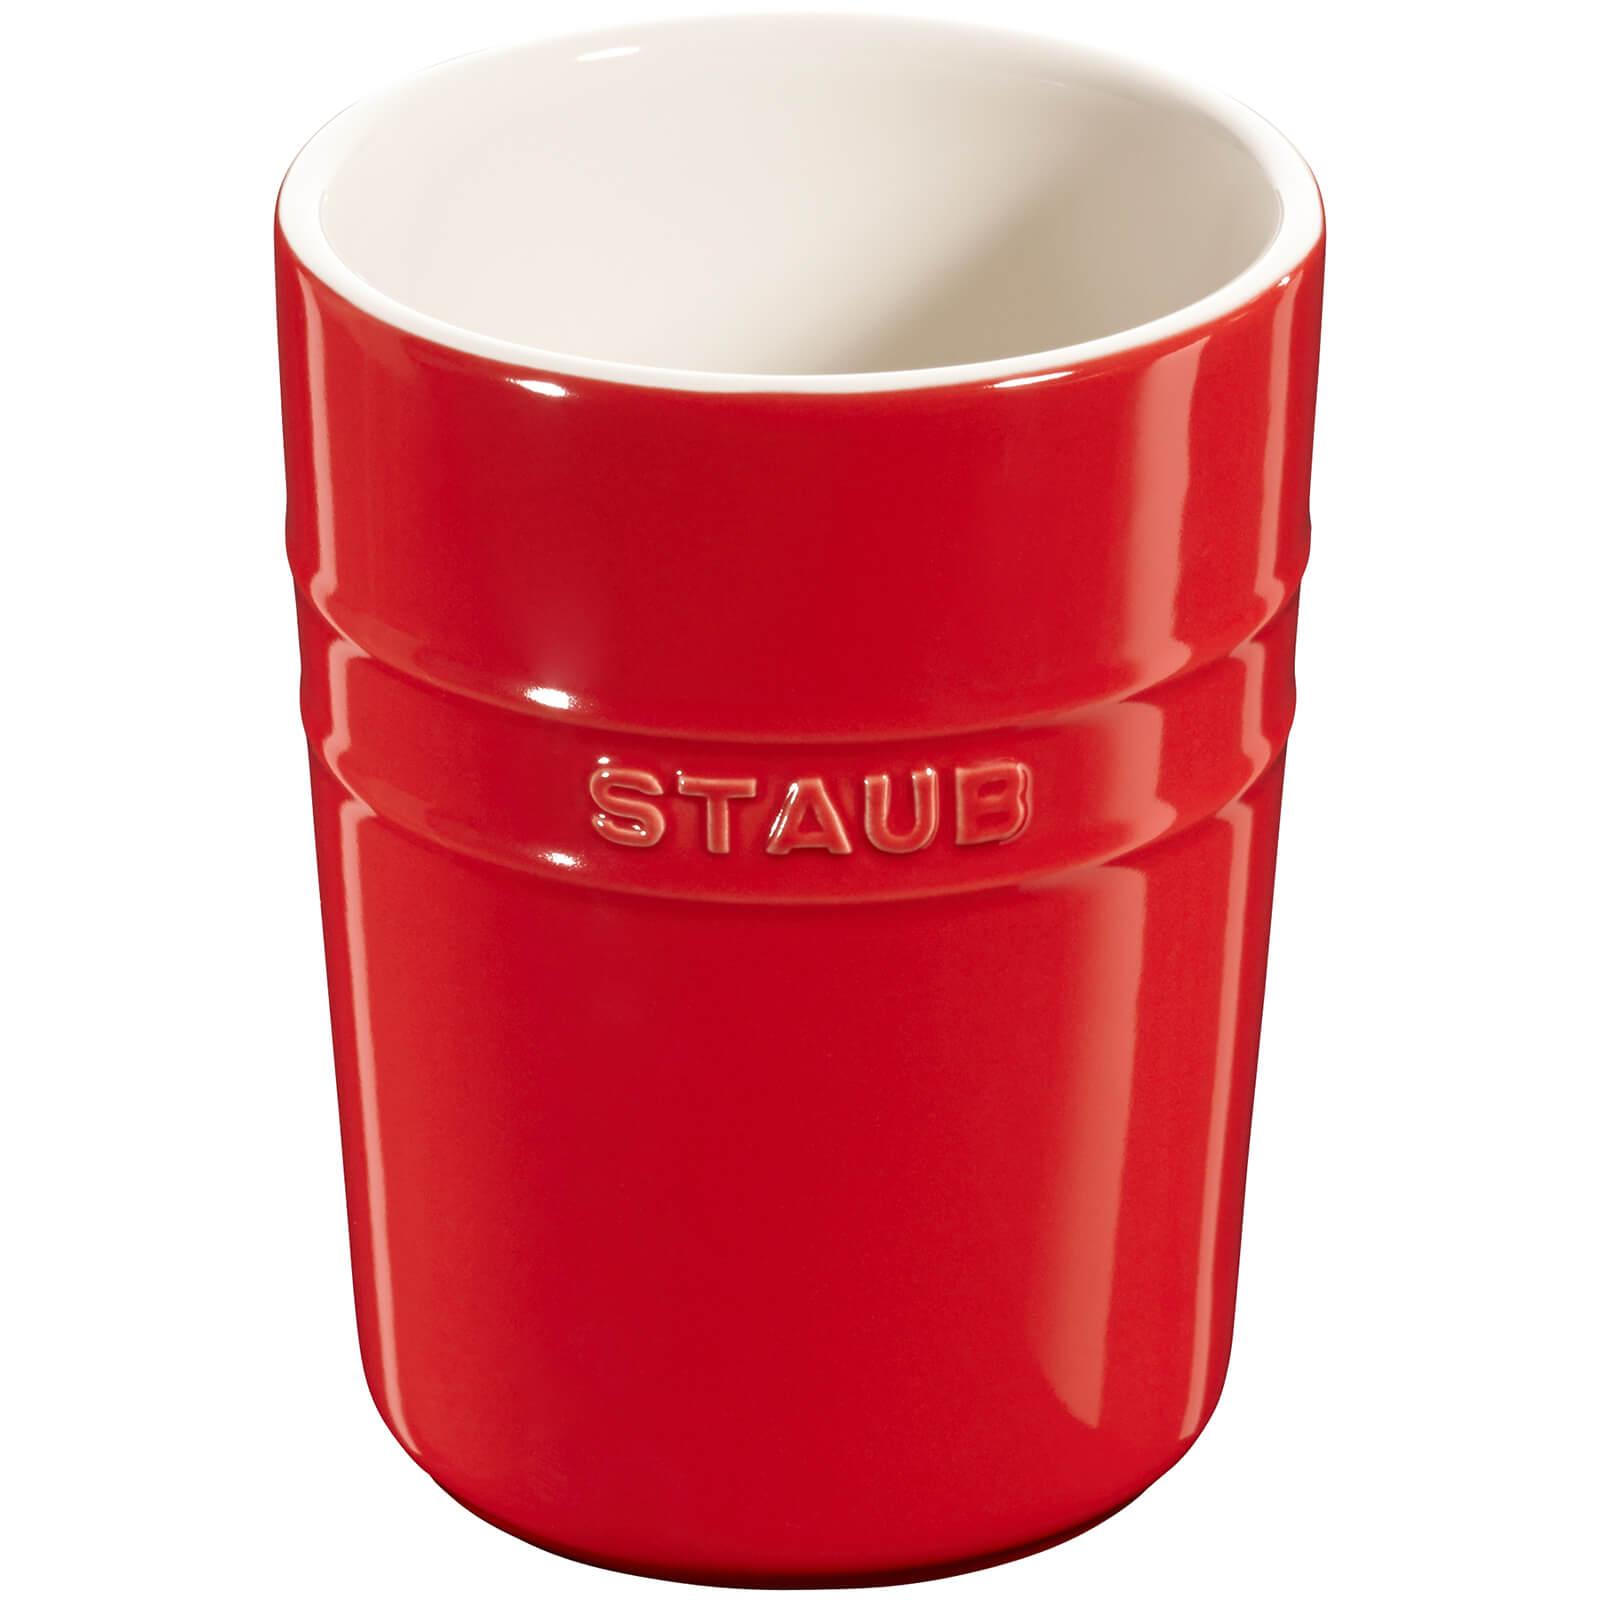 Staub Ceramic Round Utensil Holder - Cherry